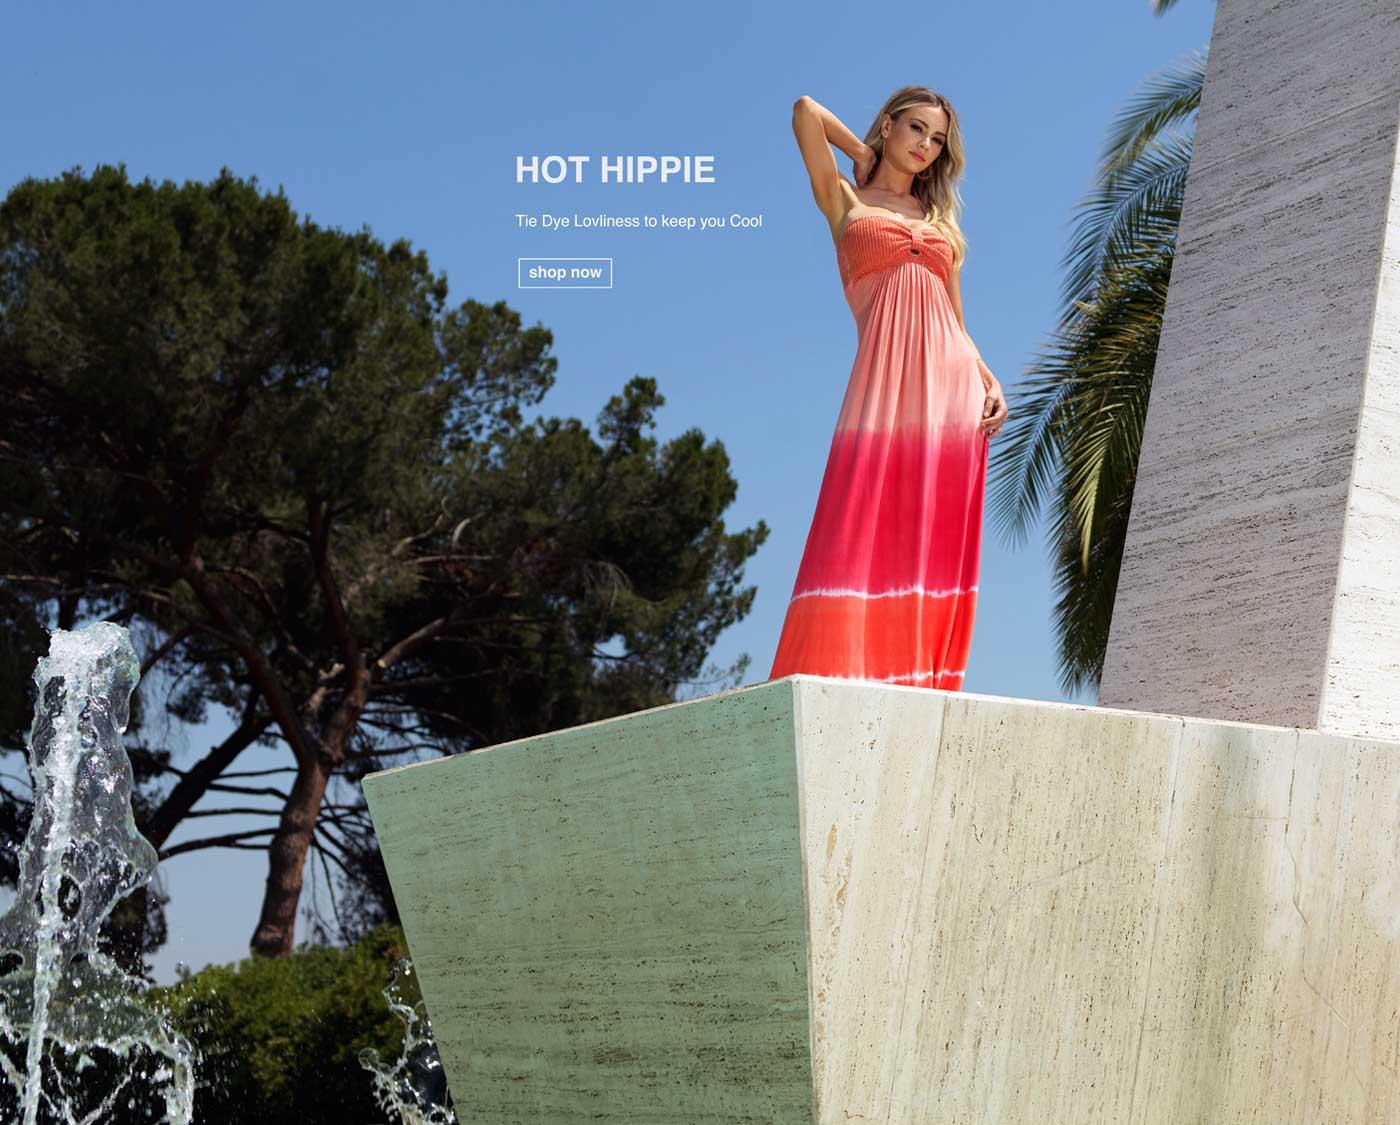 HOT HIPPIE